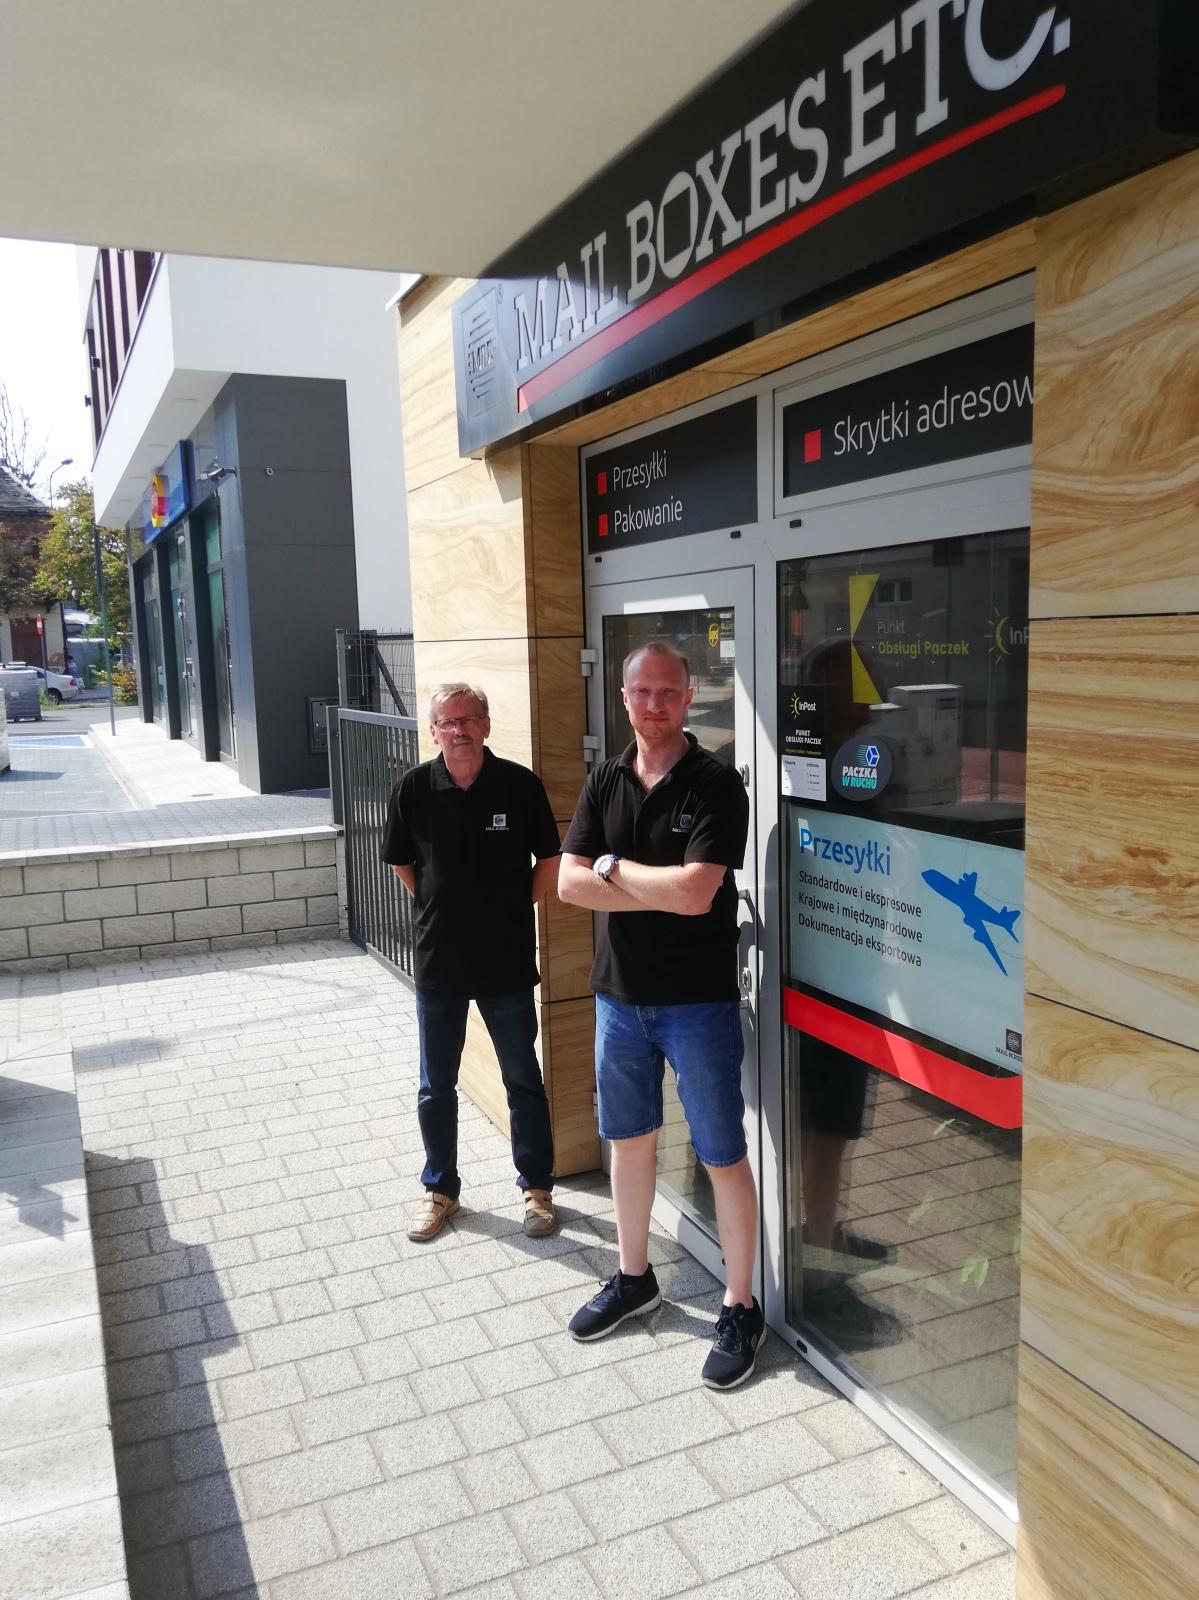 Mariusz Koper, franczyzobiorca Mail Boxes Etc. z Piaseczna